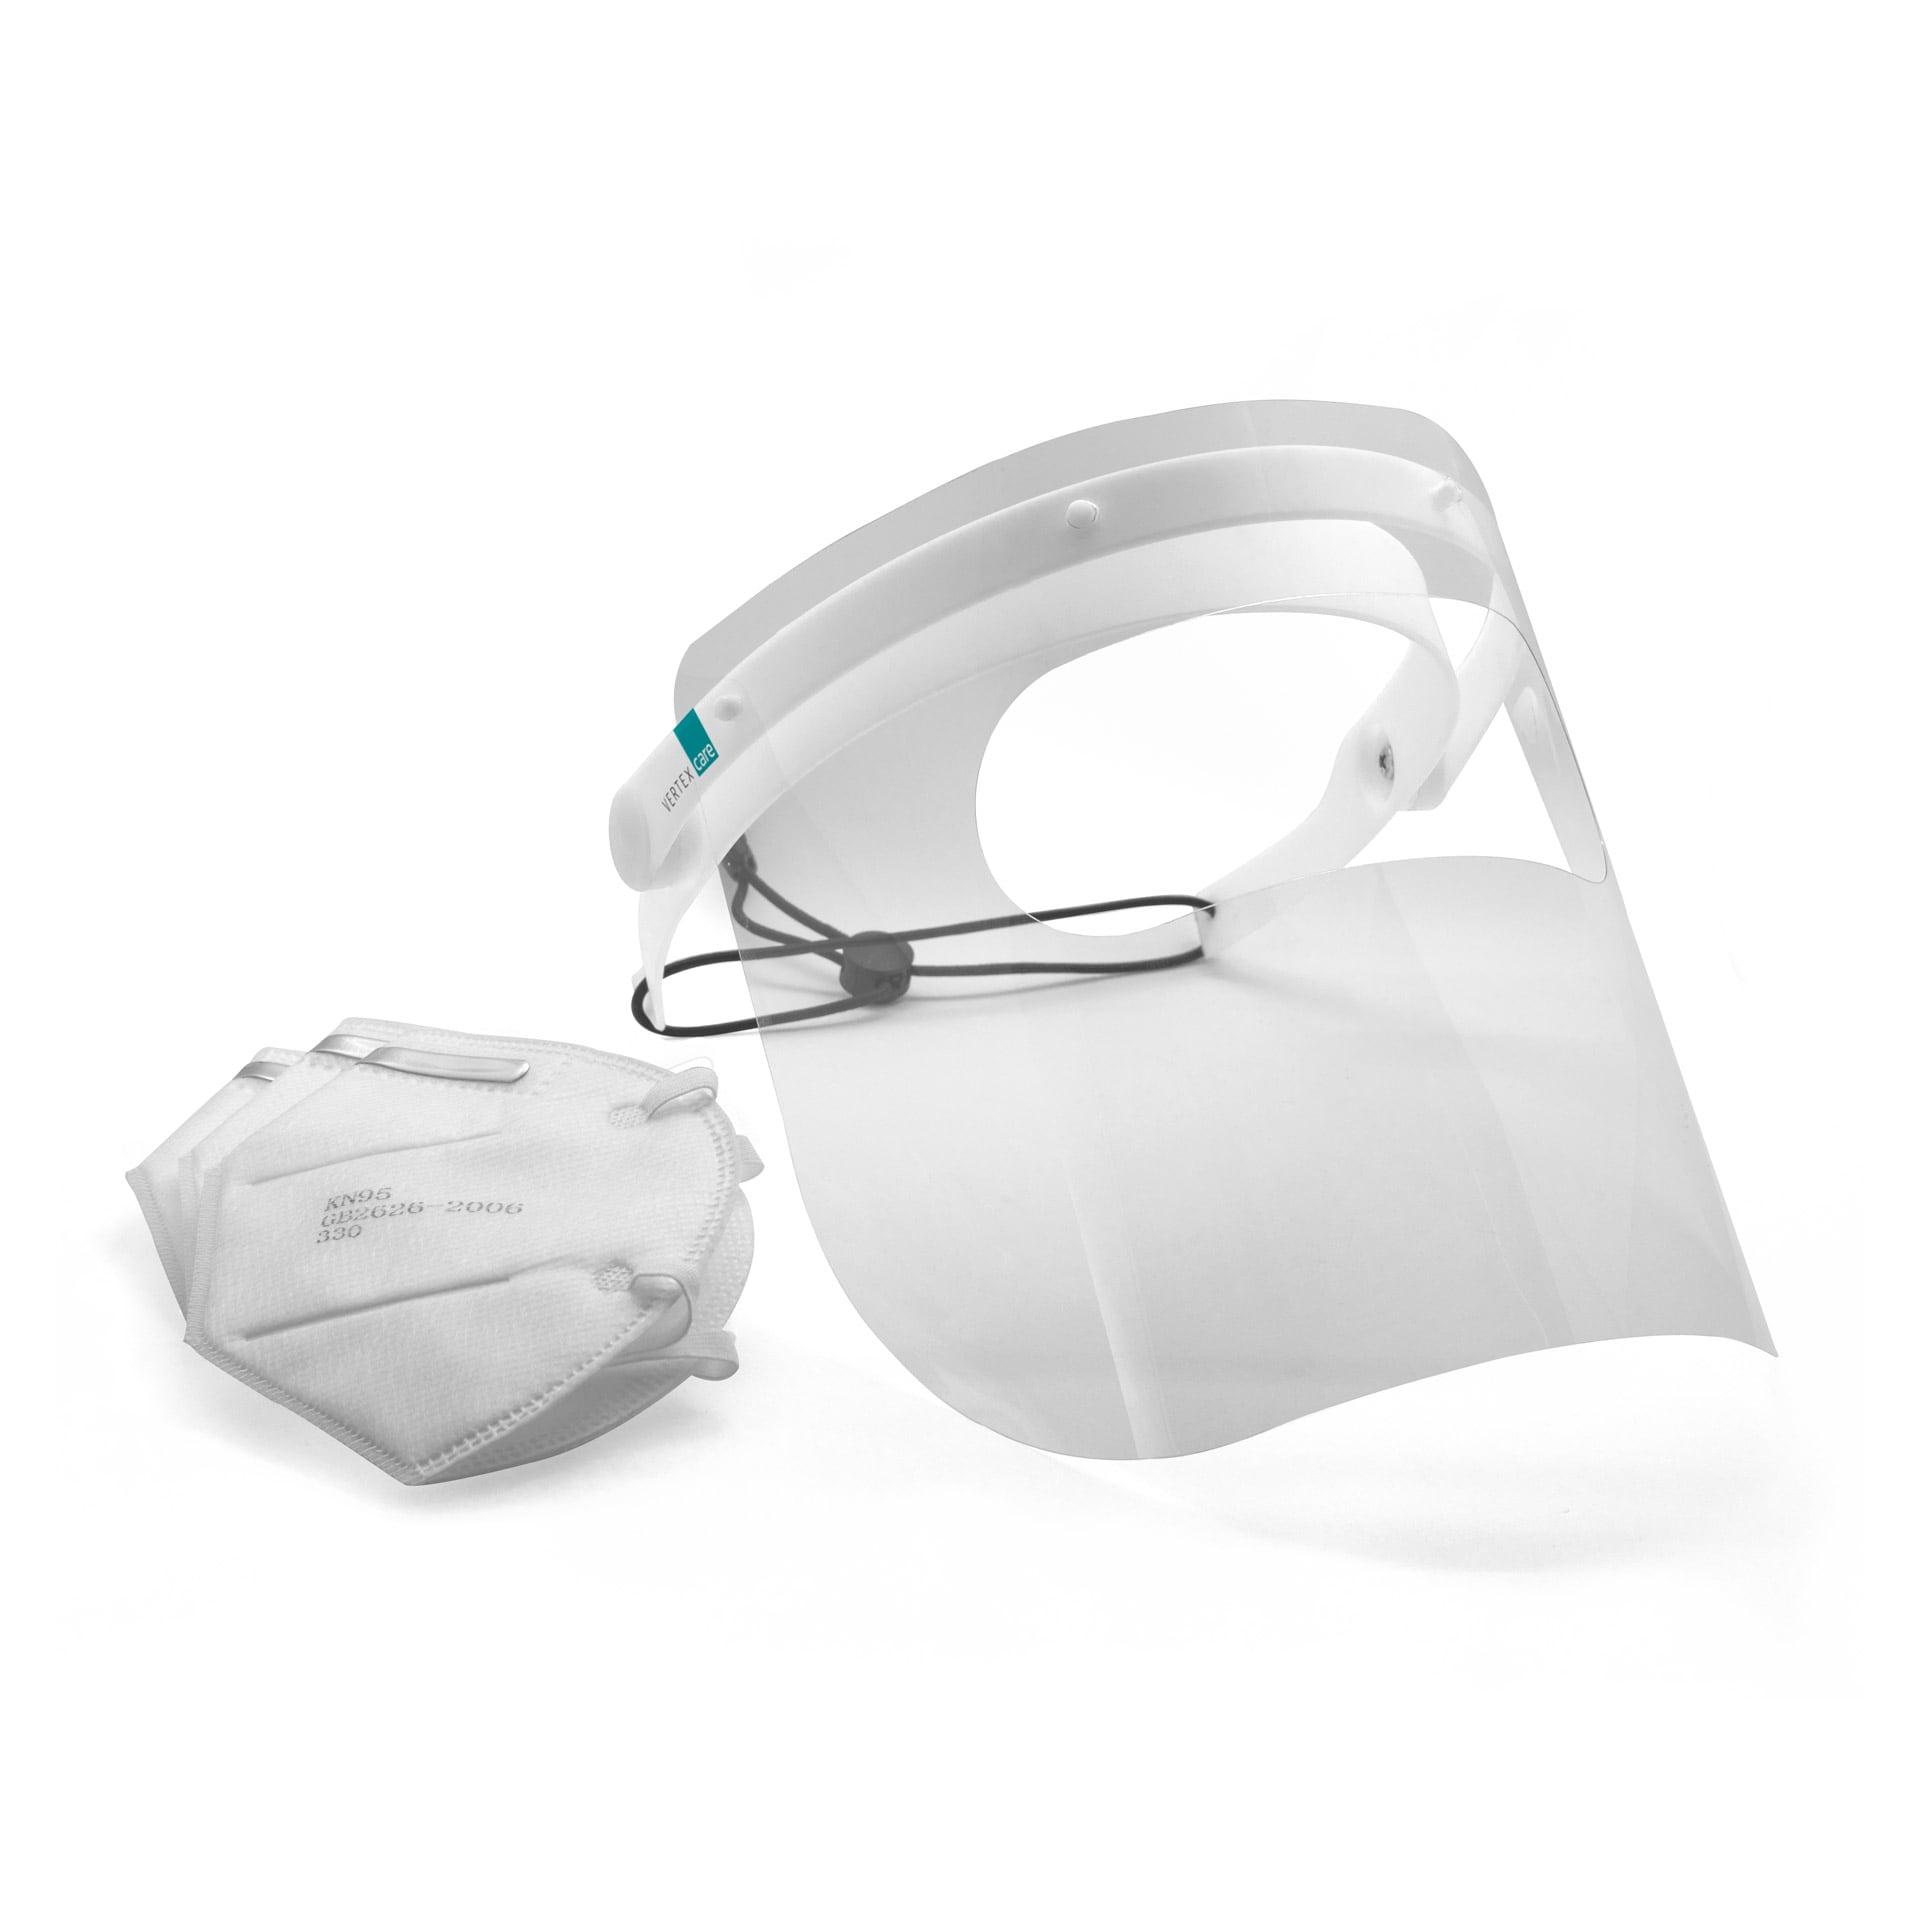 Bundle Gesichtsschutz B mit 50 Stück Atemschutzmasken KN95